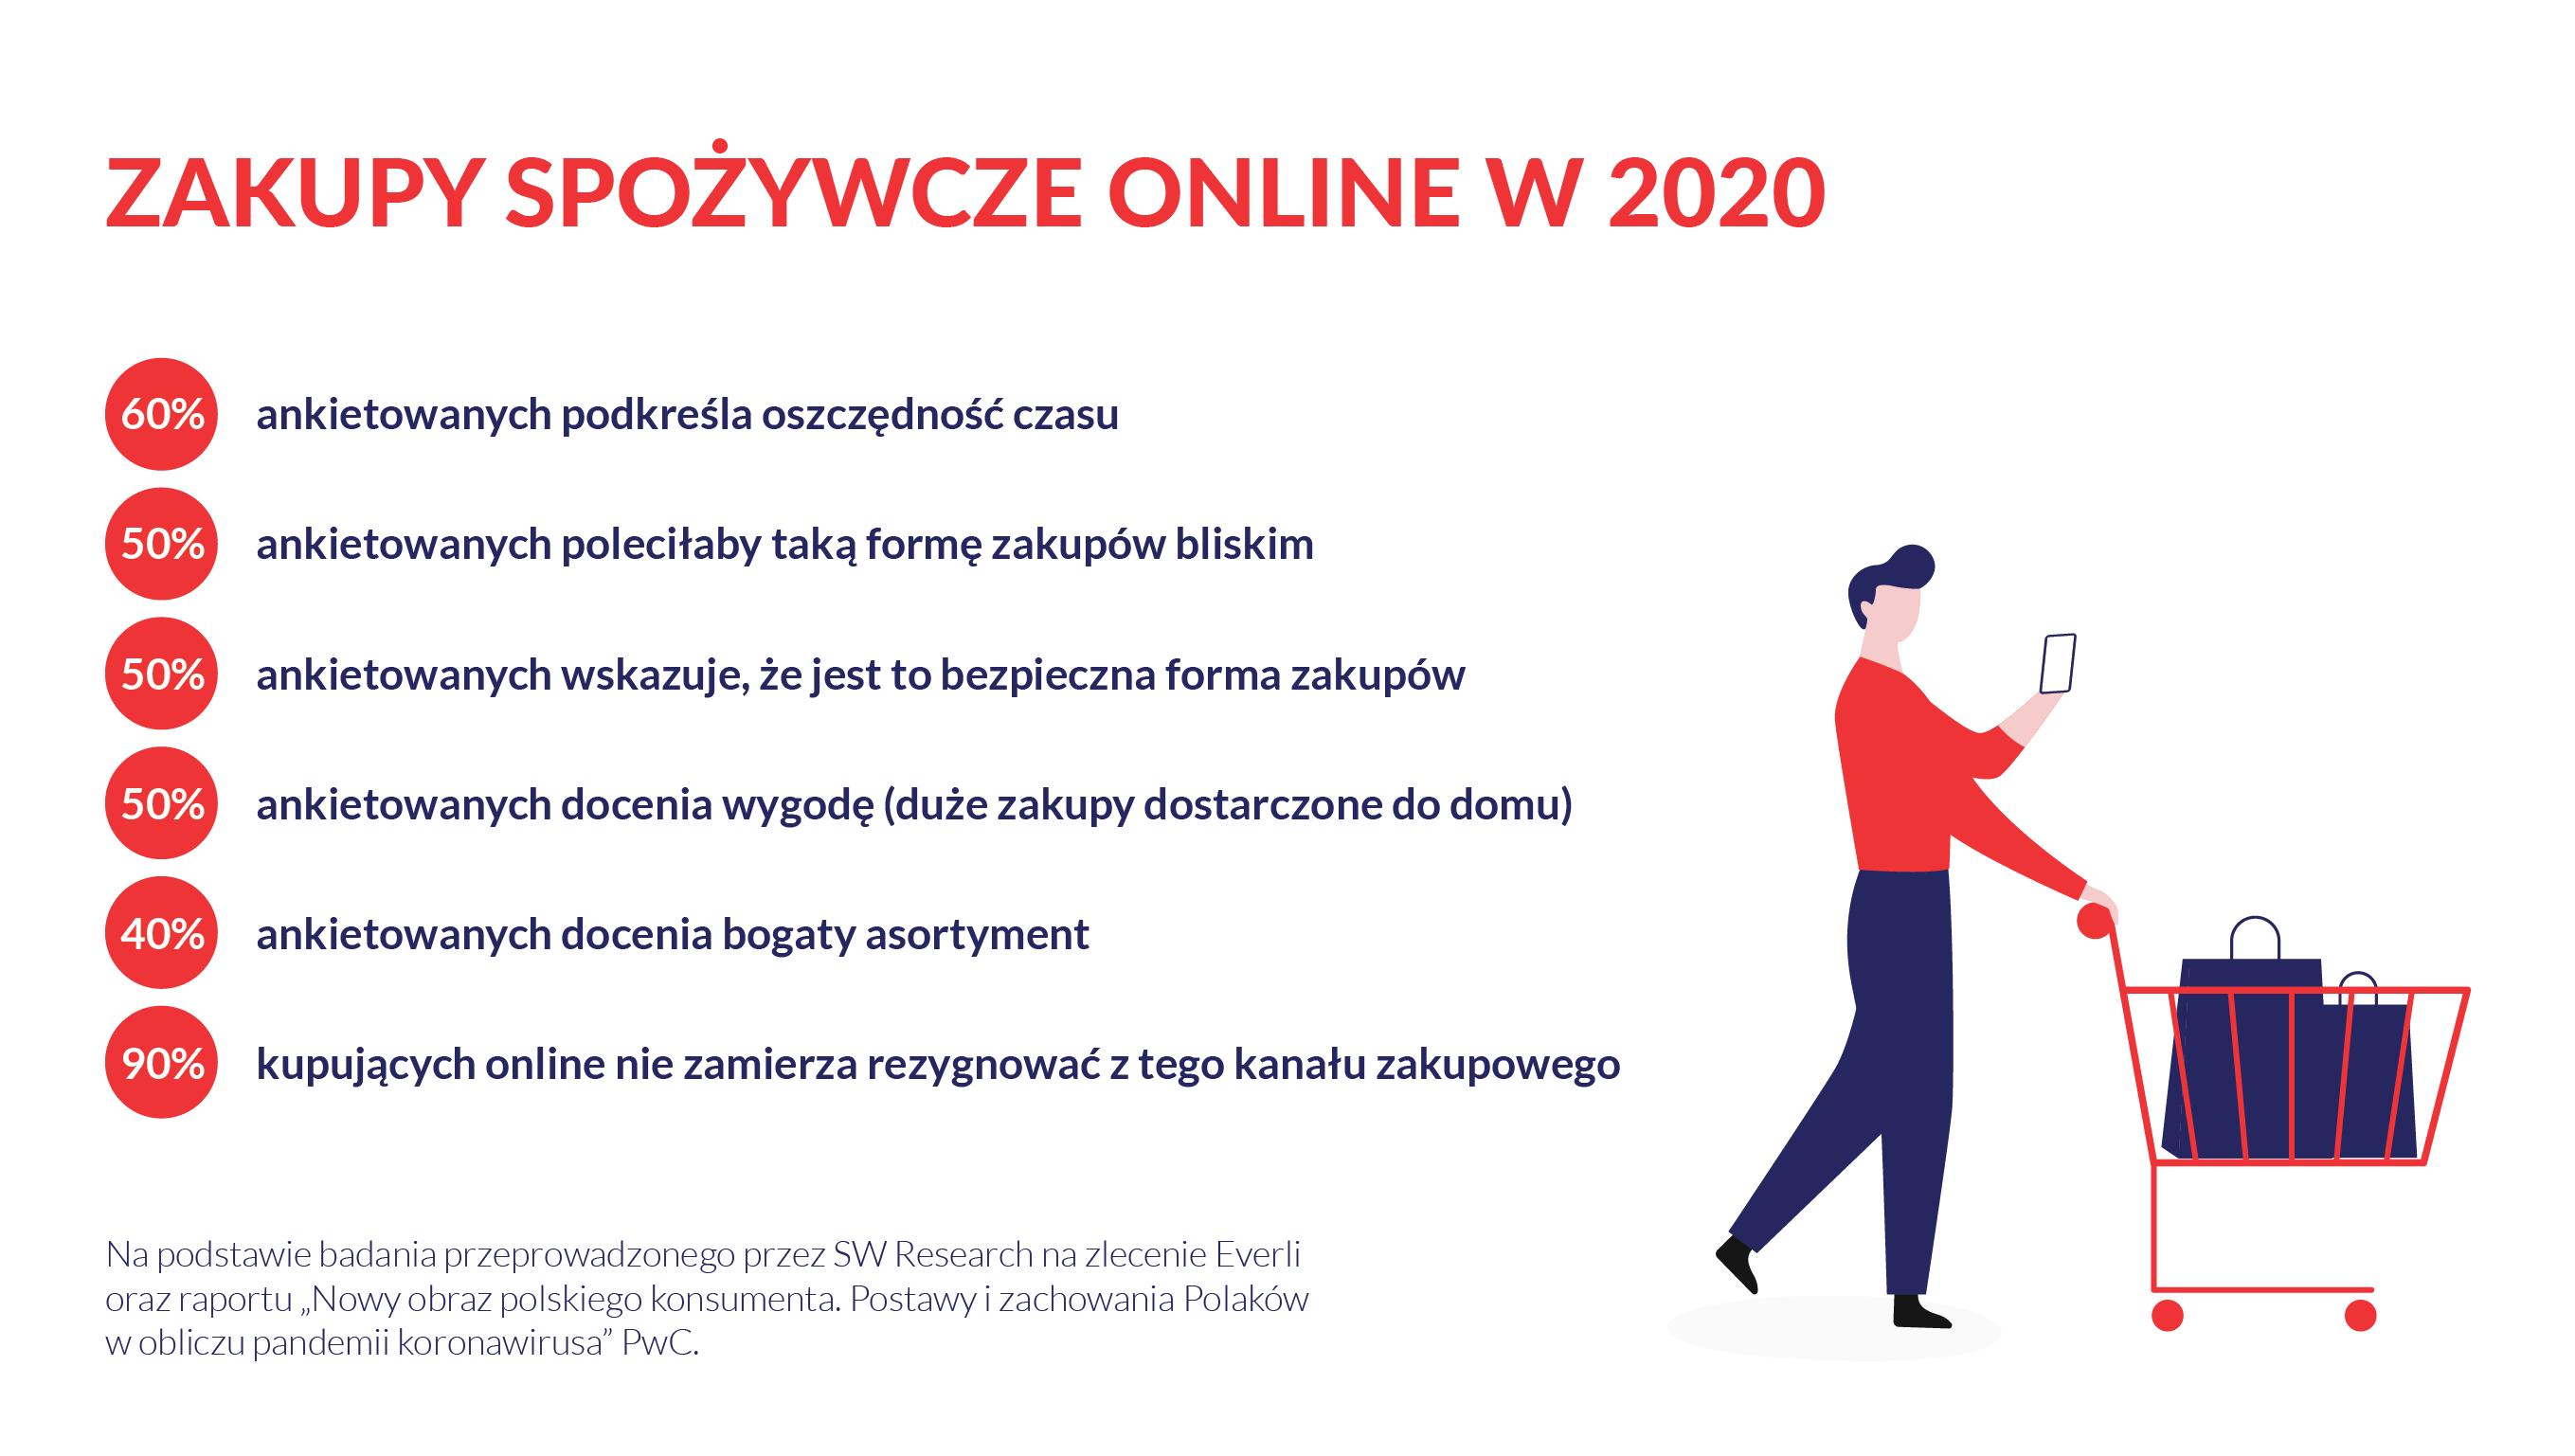 zakupy spożywcze online w 2020